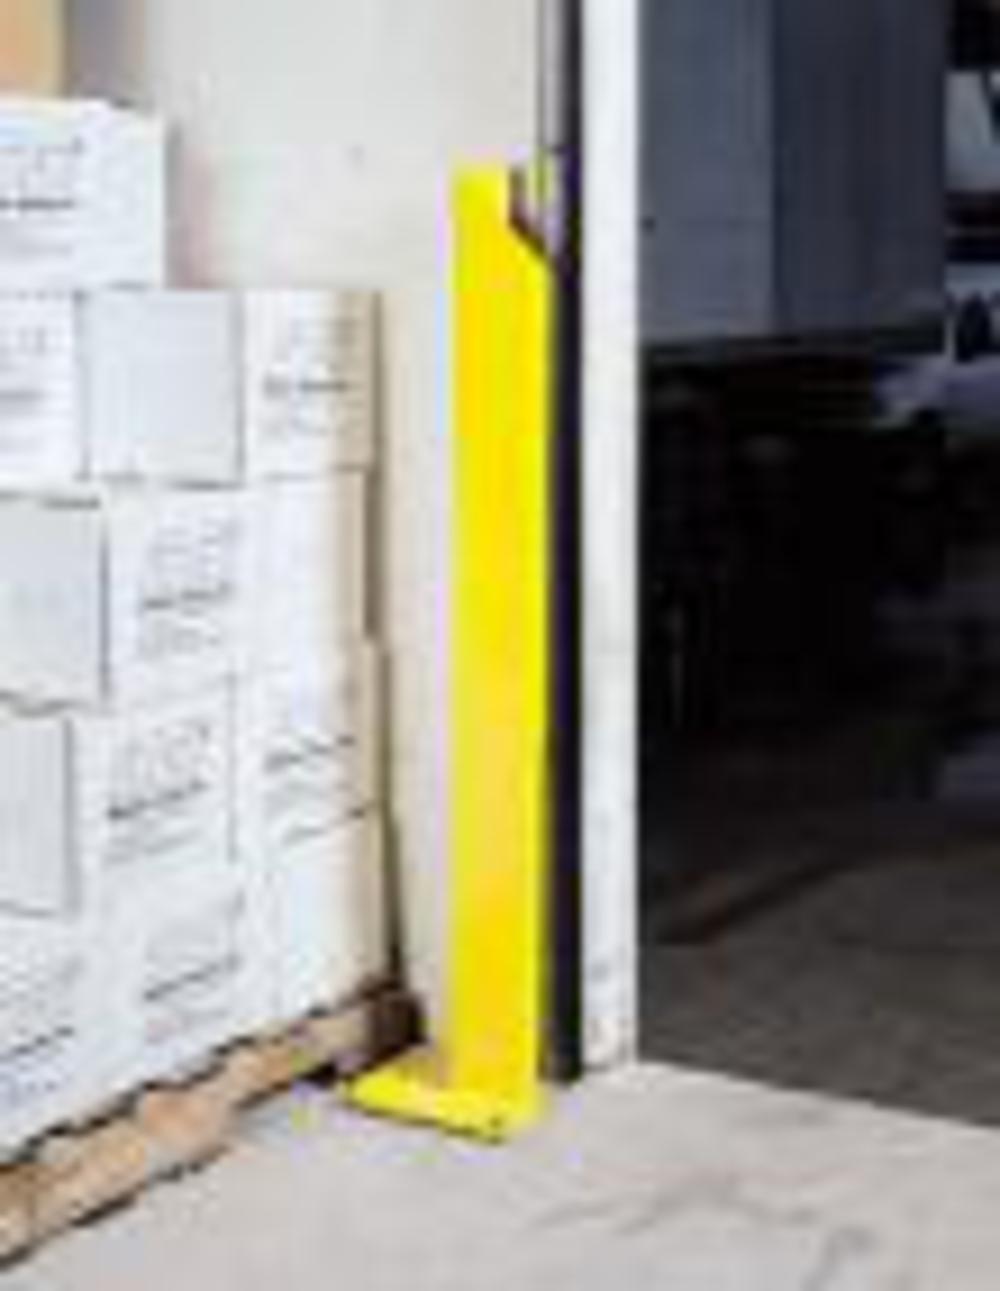 Loading Dock Equipment 48 Inch Door Track Guard Left